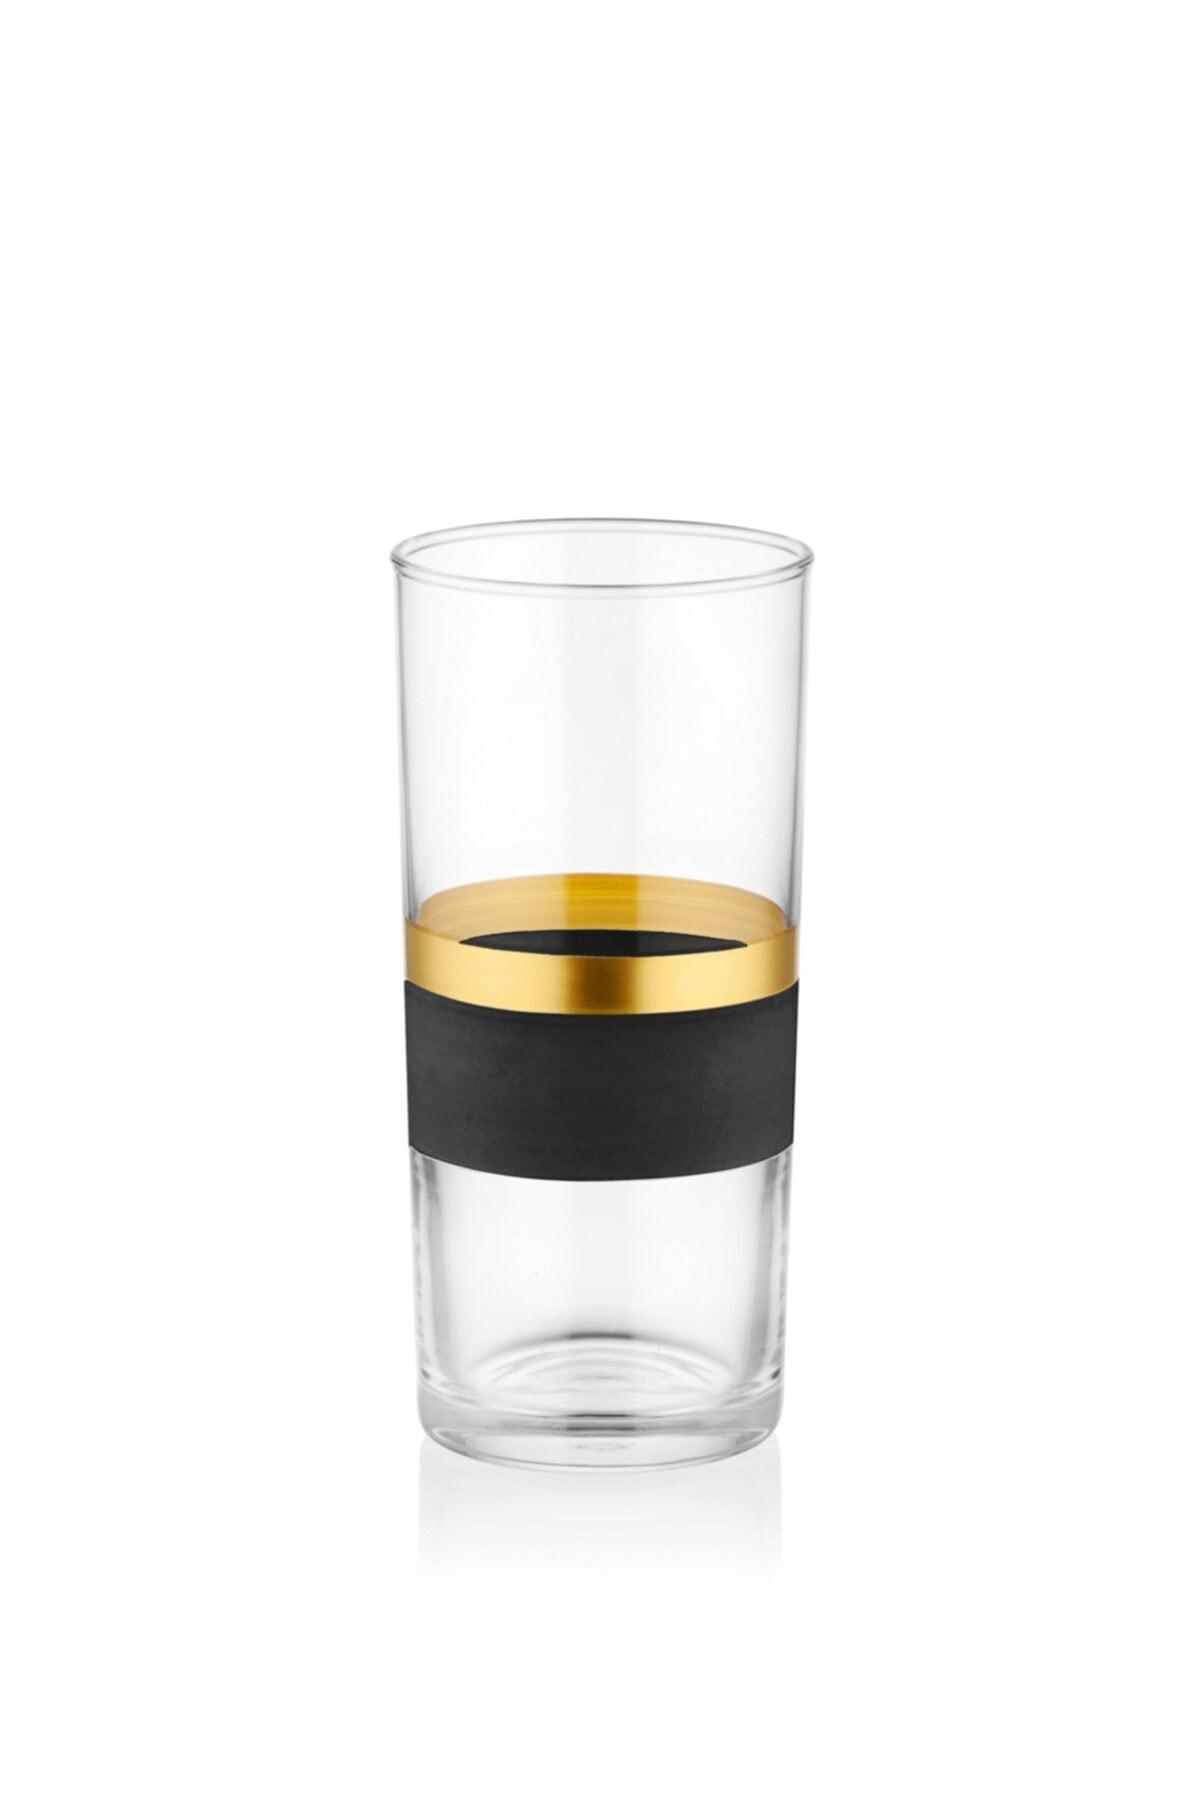 The Mia Glow Rakı Kadehi 6 Lı Set- Siyah & Gold